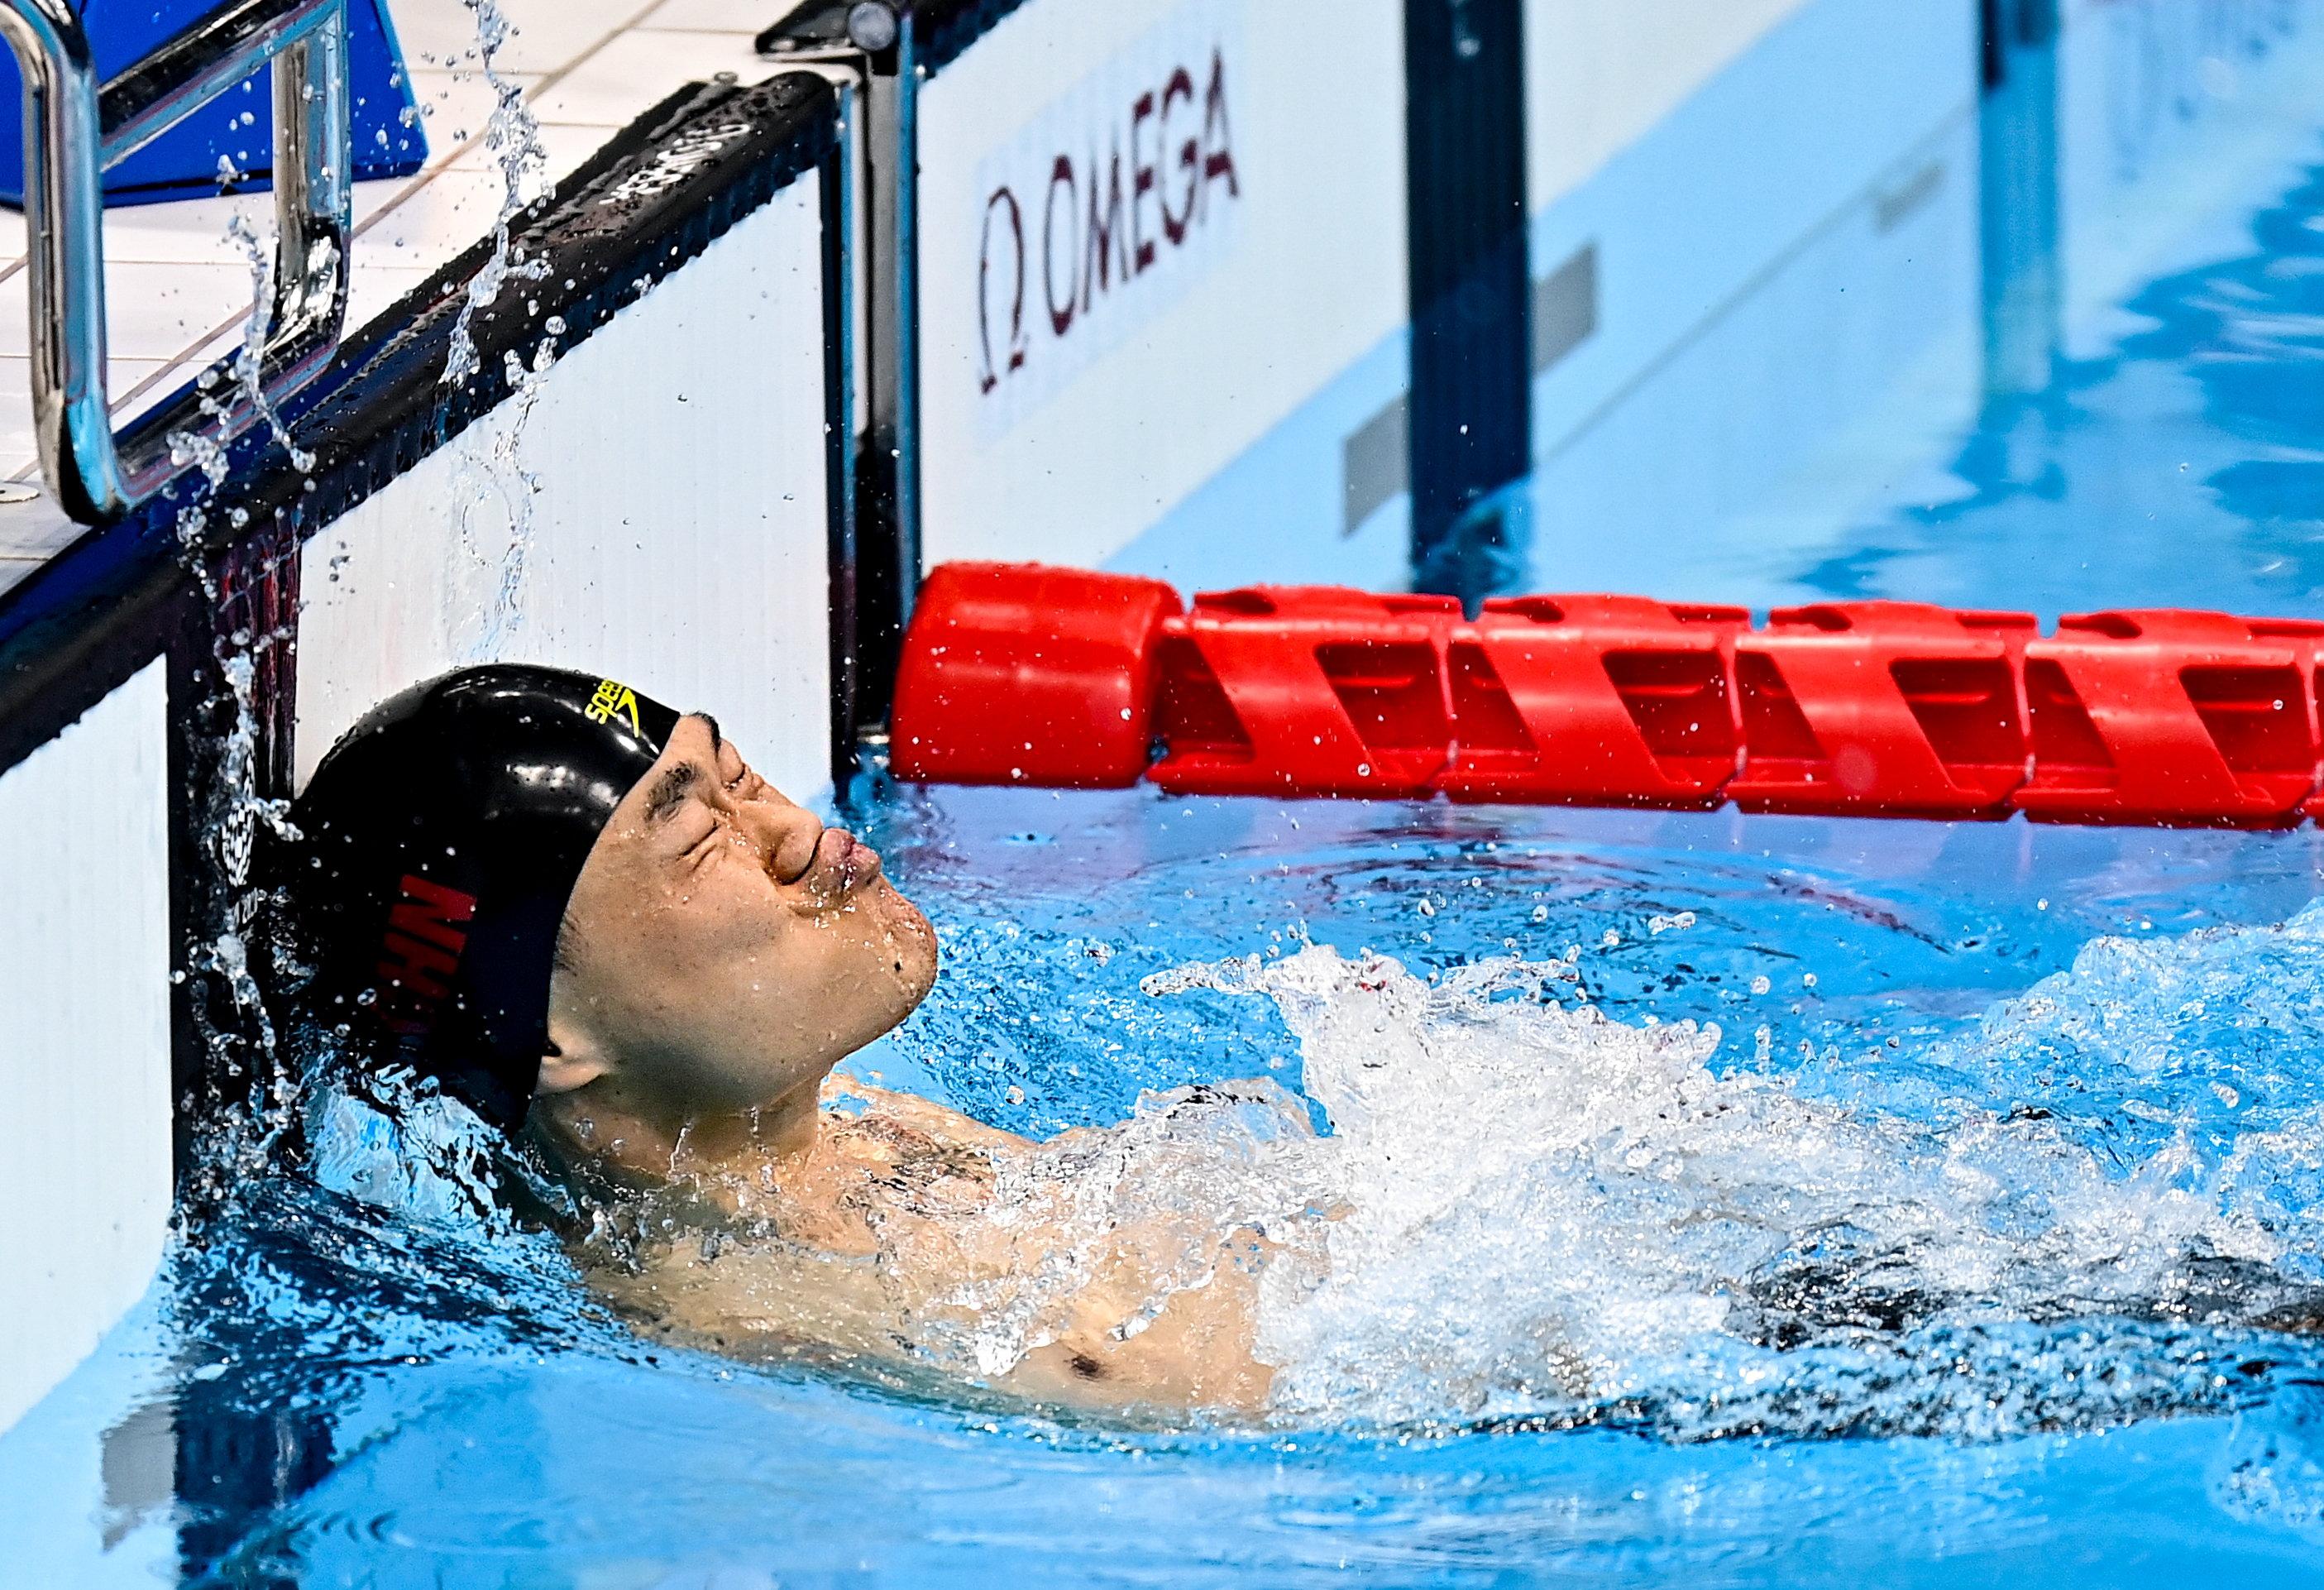 郑涛用头狠狠撞击泳池壁冲线。